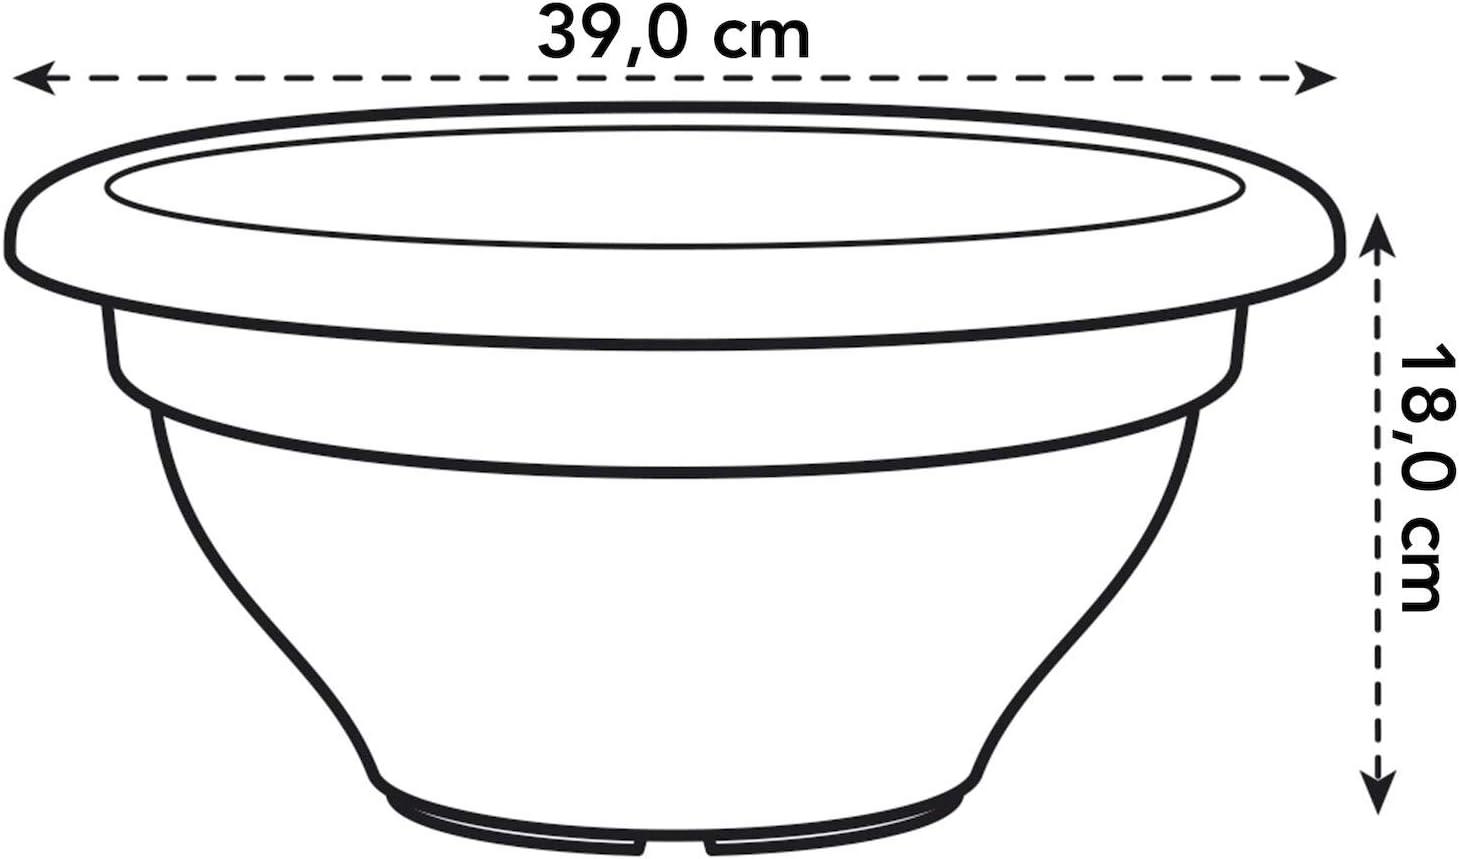 /Ø 39.6 x H 44.6 cm Elho Torino Campana Carr/é Haut 40 Pot De Fleurs Taupe Ext/érieur